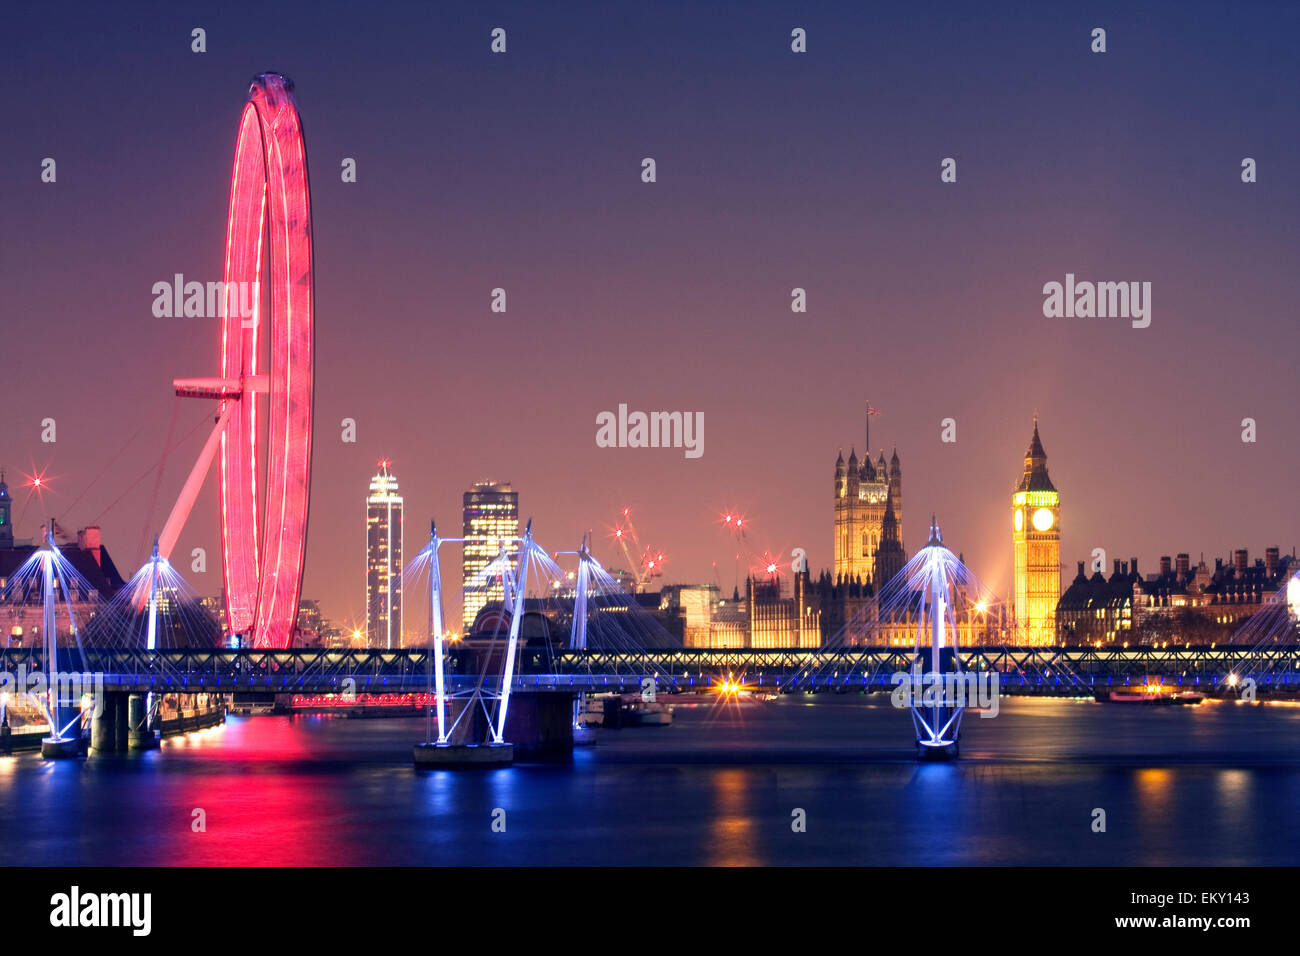 Londra di notte. London Eye Hungerford Bridge e il Golden Jubilee ponti e Palazzo di Westminster con illuminato Foto Stock